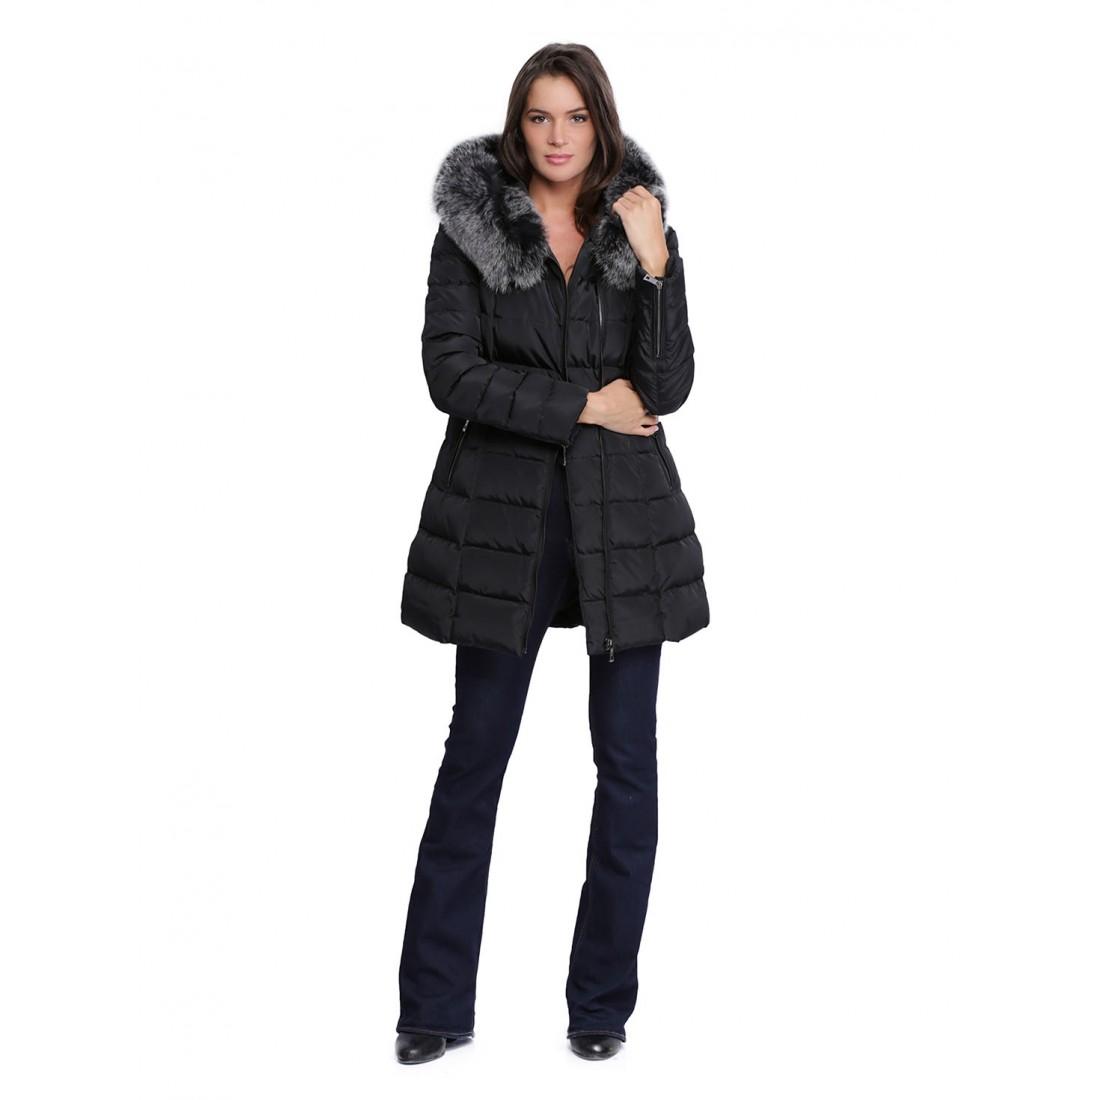 Manteau capuche fourrure femme Giovanni Dely noir